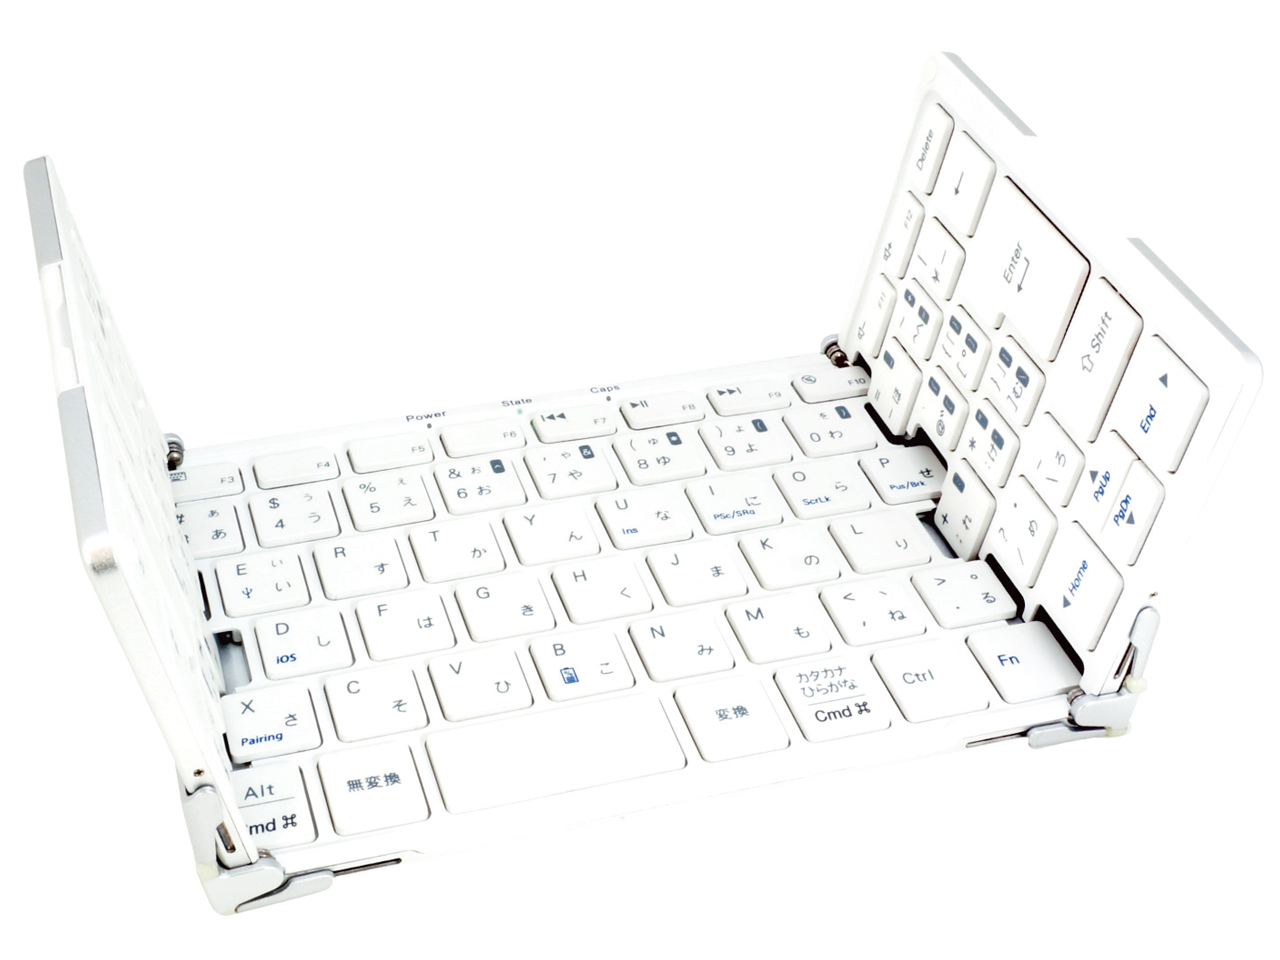 『本体3』 MOBO Keyboard AM-KTF83J-SW [ホワイト] の製品画像